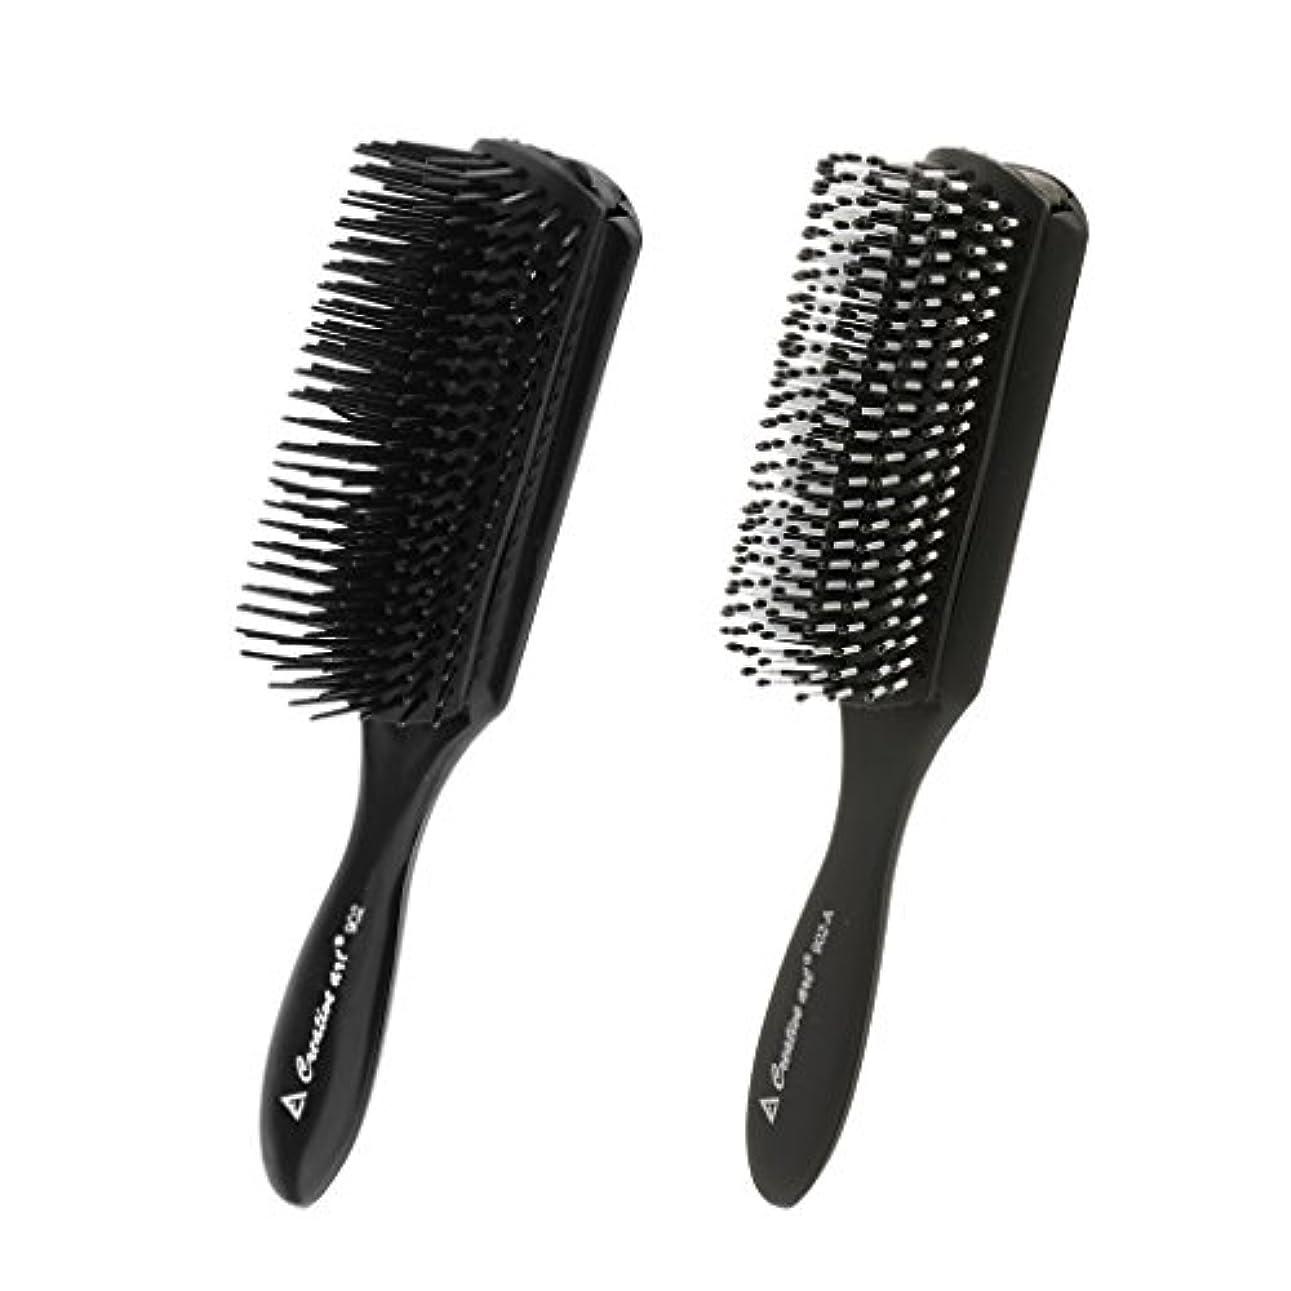 運ぶ上がる膜Toygogo 2ピース調整可能なヘアブラシ帯電防止櫛プロ理髪ヘアブラシスタイリングツール頭皮マッサージ